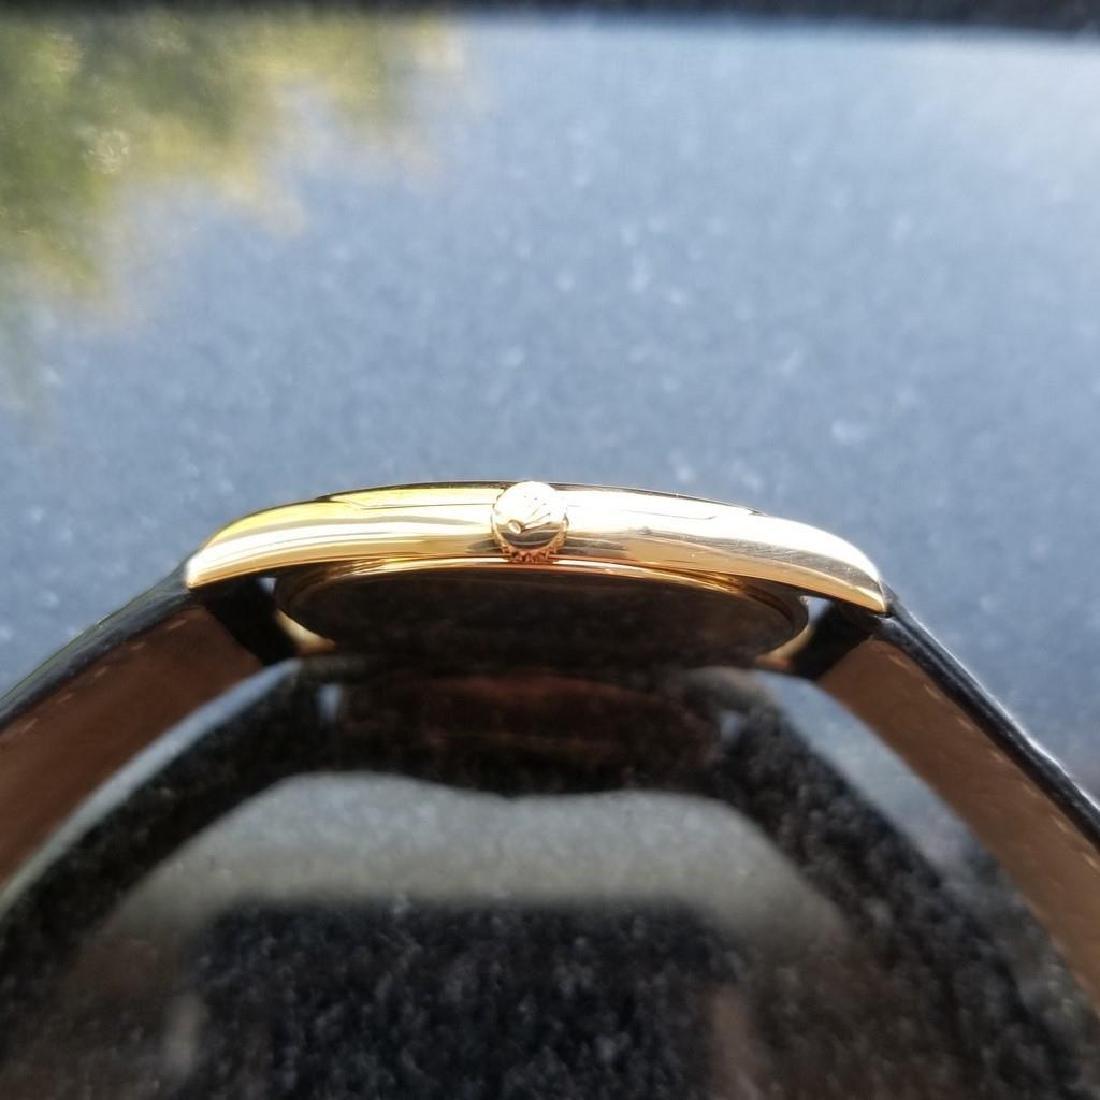 ROLEX Cellini Danaos 4233 solid 18k yellow gold c.2005 - 4